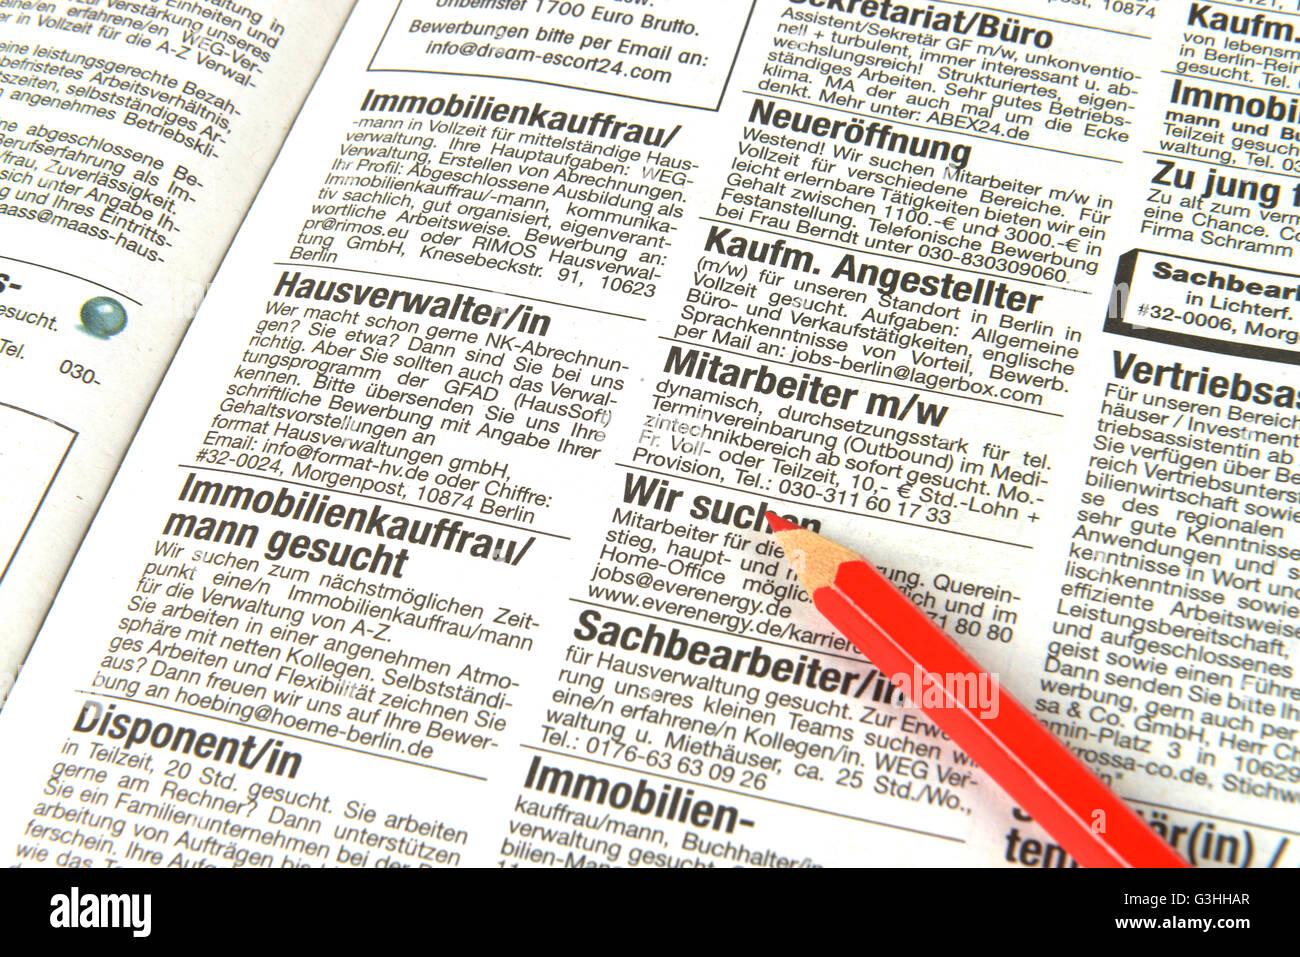 Tageszeitung, Stellenmarkt, Anzeigen - Stock Image